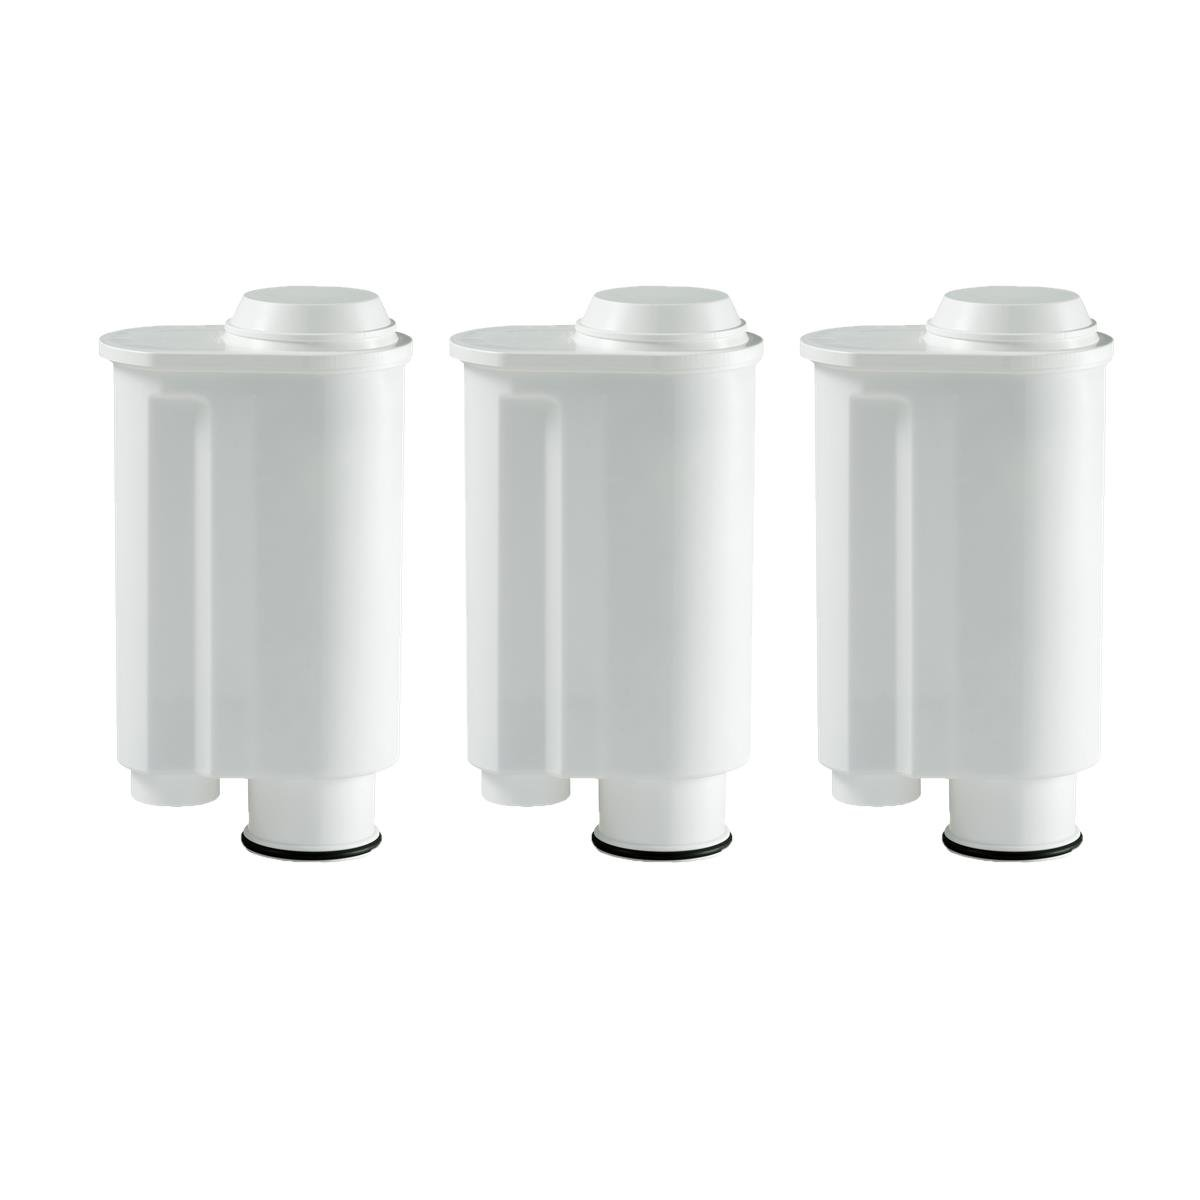 3 filtro de agua cartuchos compatible con Saeco Philips Intenza, Lavazza Gaggia, A Modo Mio máquinas de café Espresso y Veollautomaten, ...